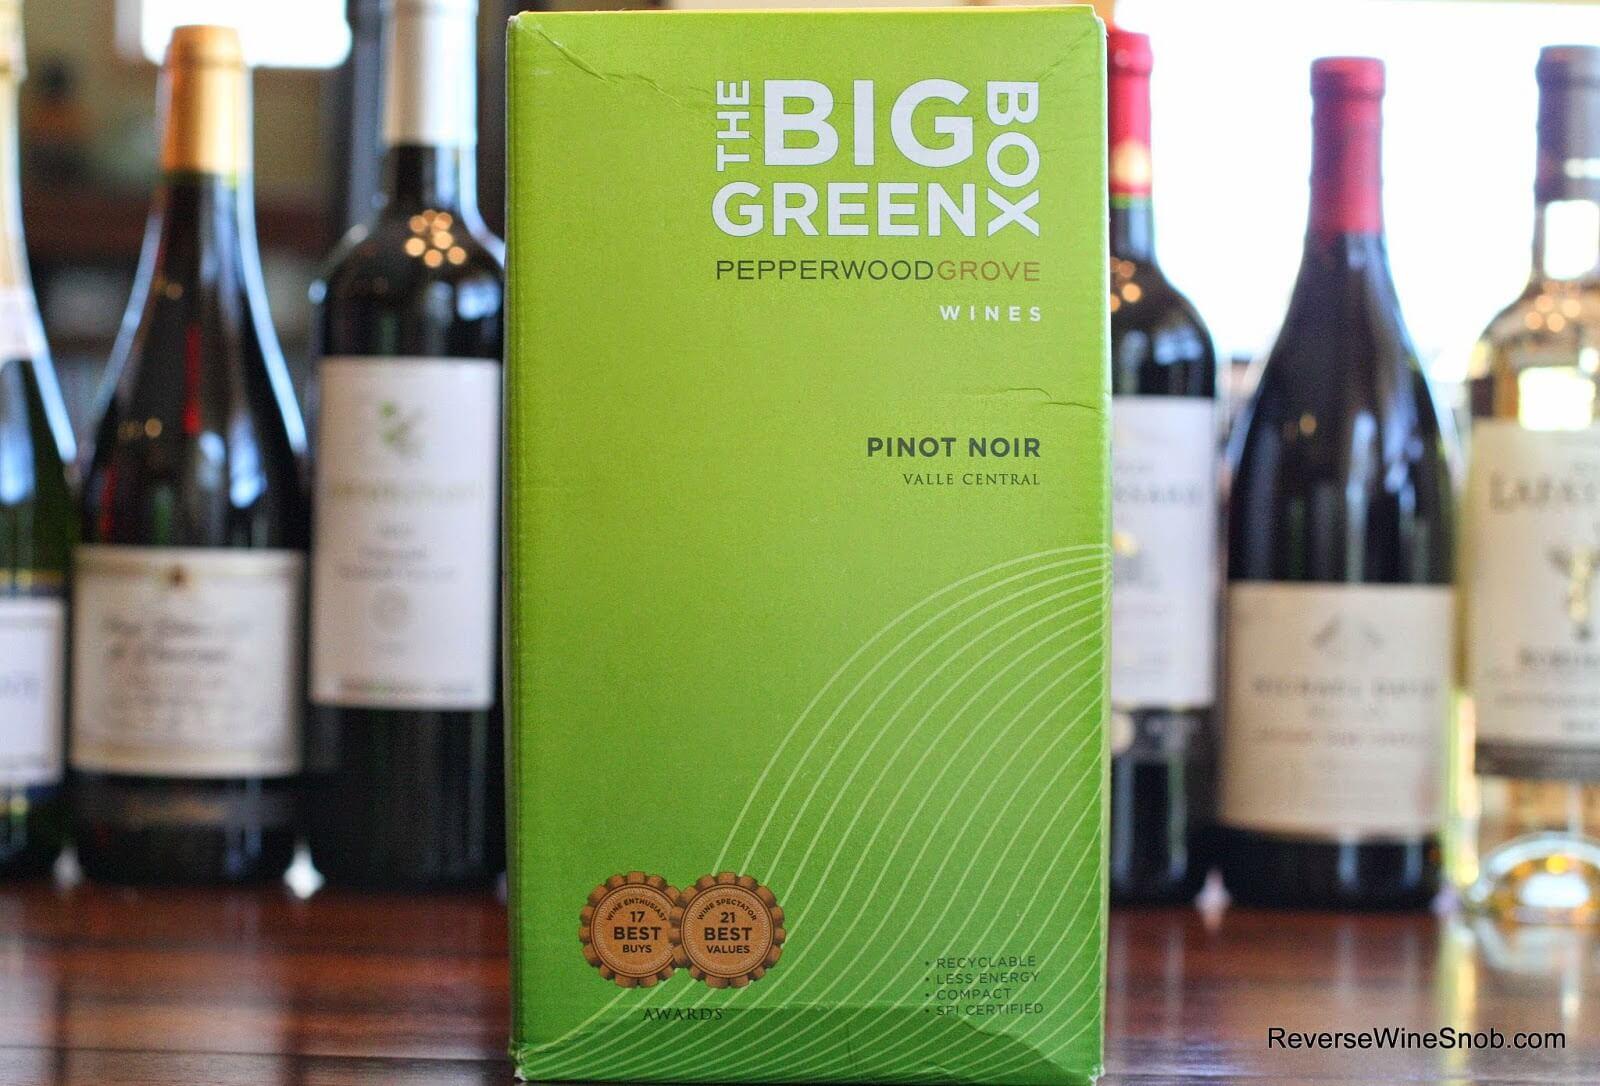 Pepperwood-Grove-The-Big-Green-Box-Pinot-Noir